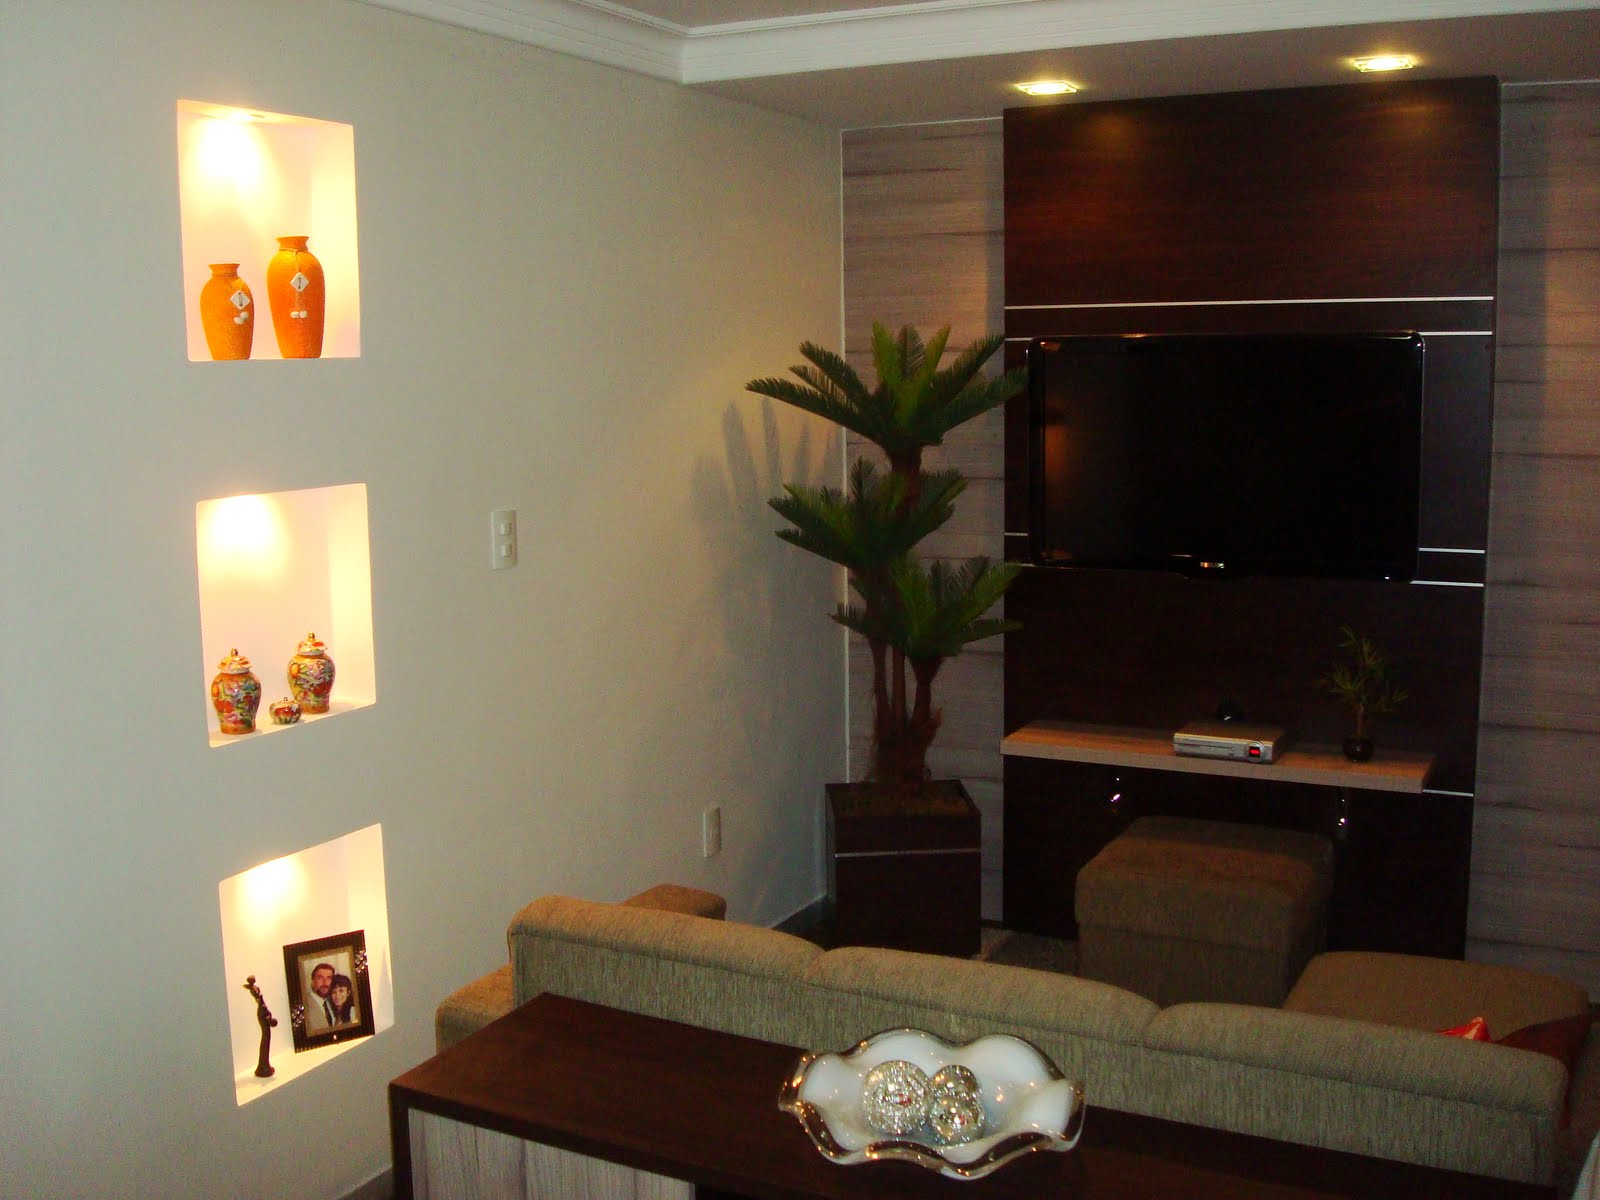 #C44407 ABF Móveis: Home / Sala de TV 1600x1200 píxeis em Como Decorar Uma Sala De Tv